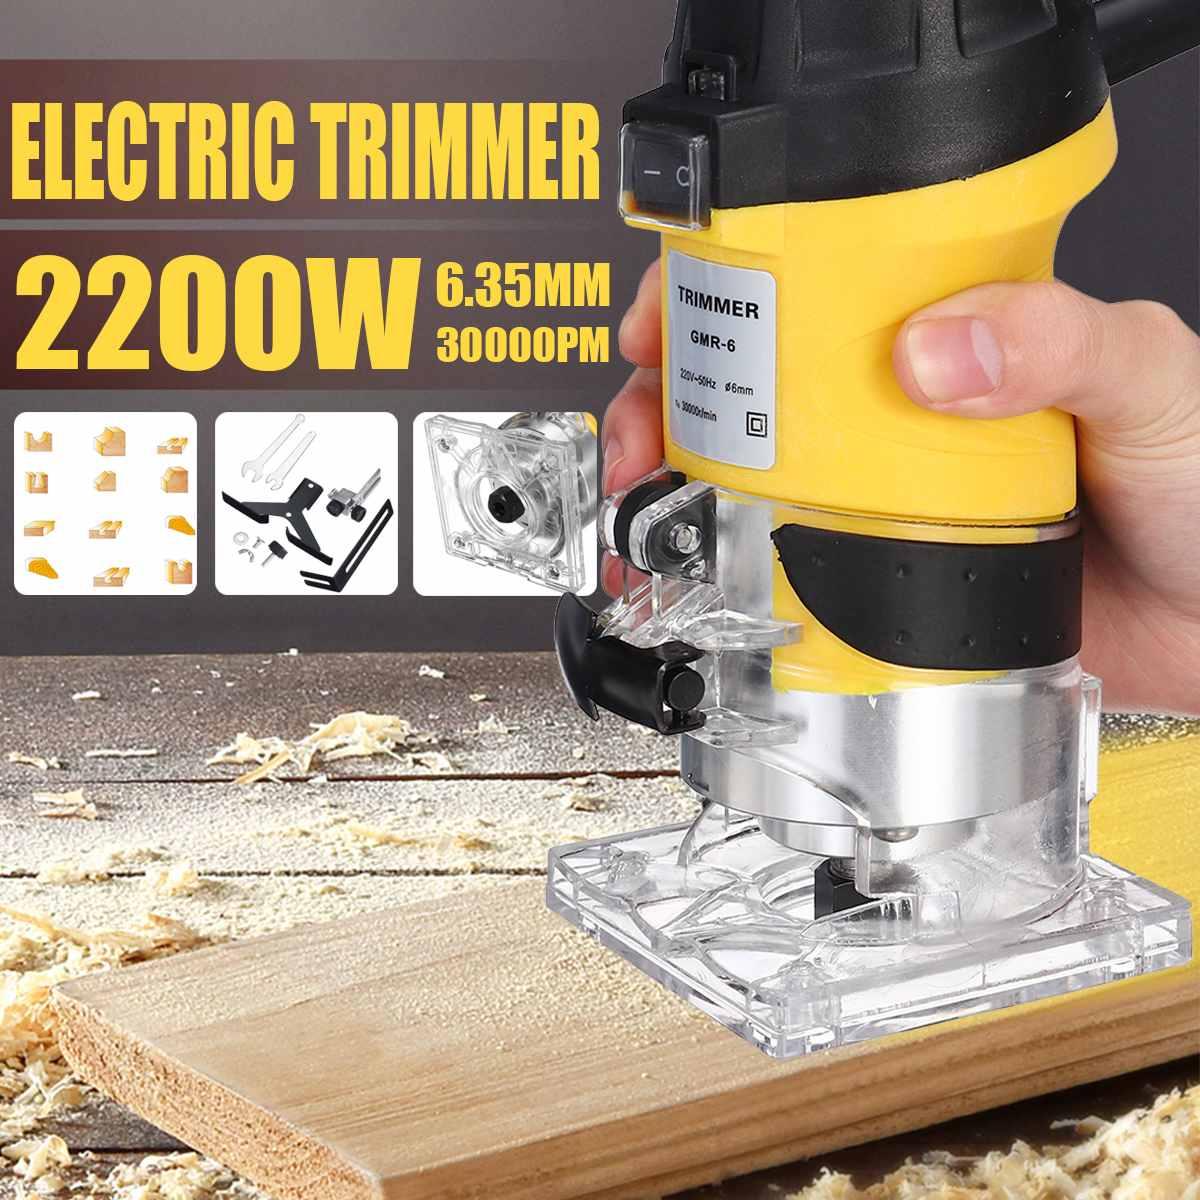 110 V/220 V 2200 W Elektrische Hand Trimmer Holz Router 6,35mm Holzbearbeitung Laminator Zimmerei Trimmen Schneiden Power Werkzeuge Gut FüR Energie Und Die Milz